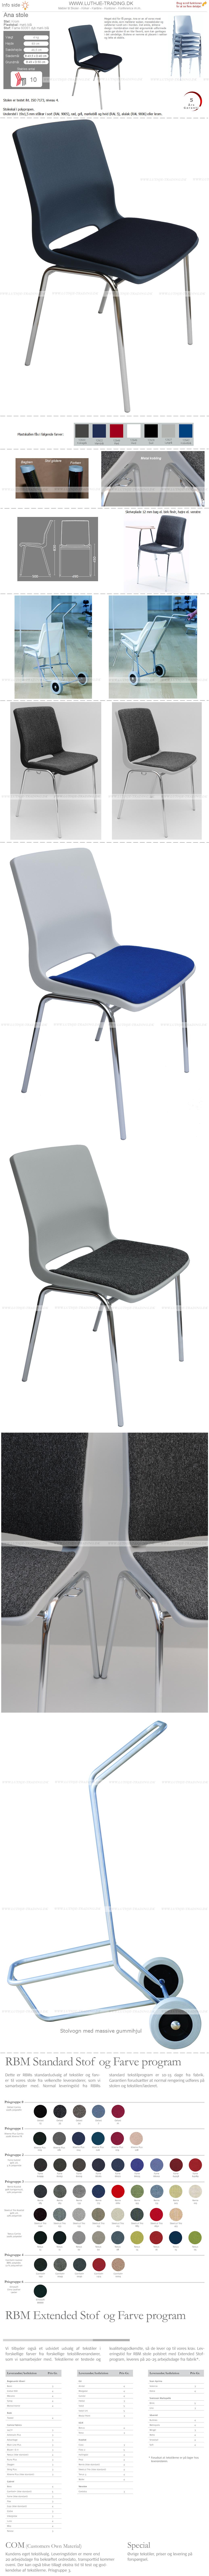 Ana stol krom blå sæde 60061